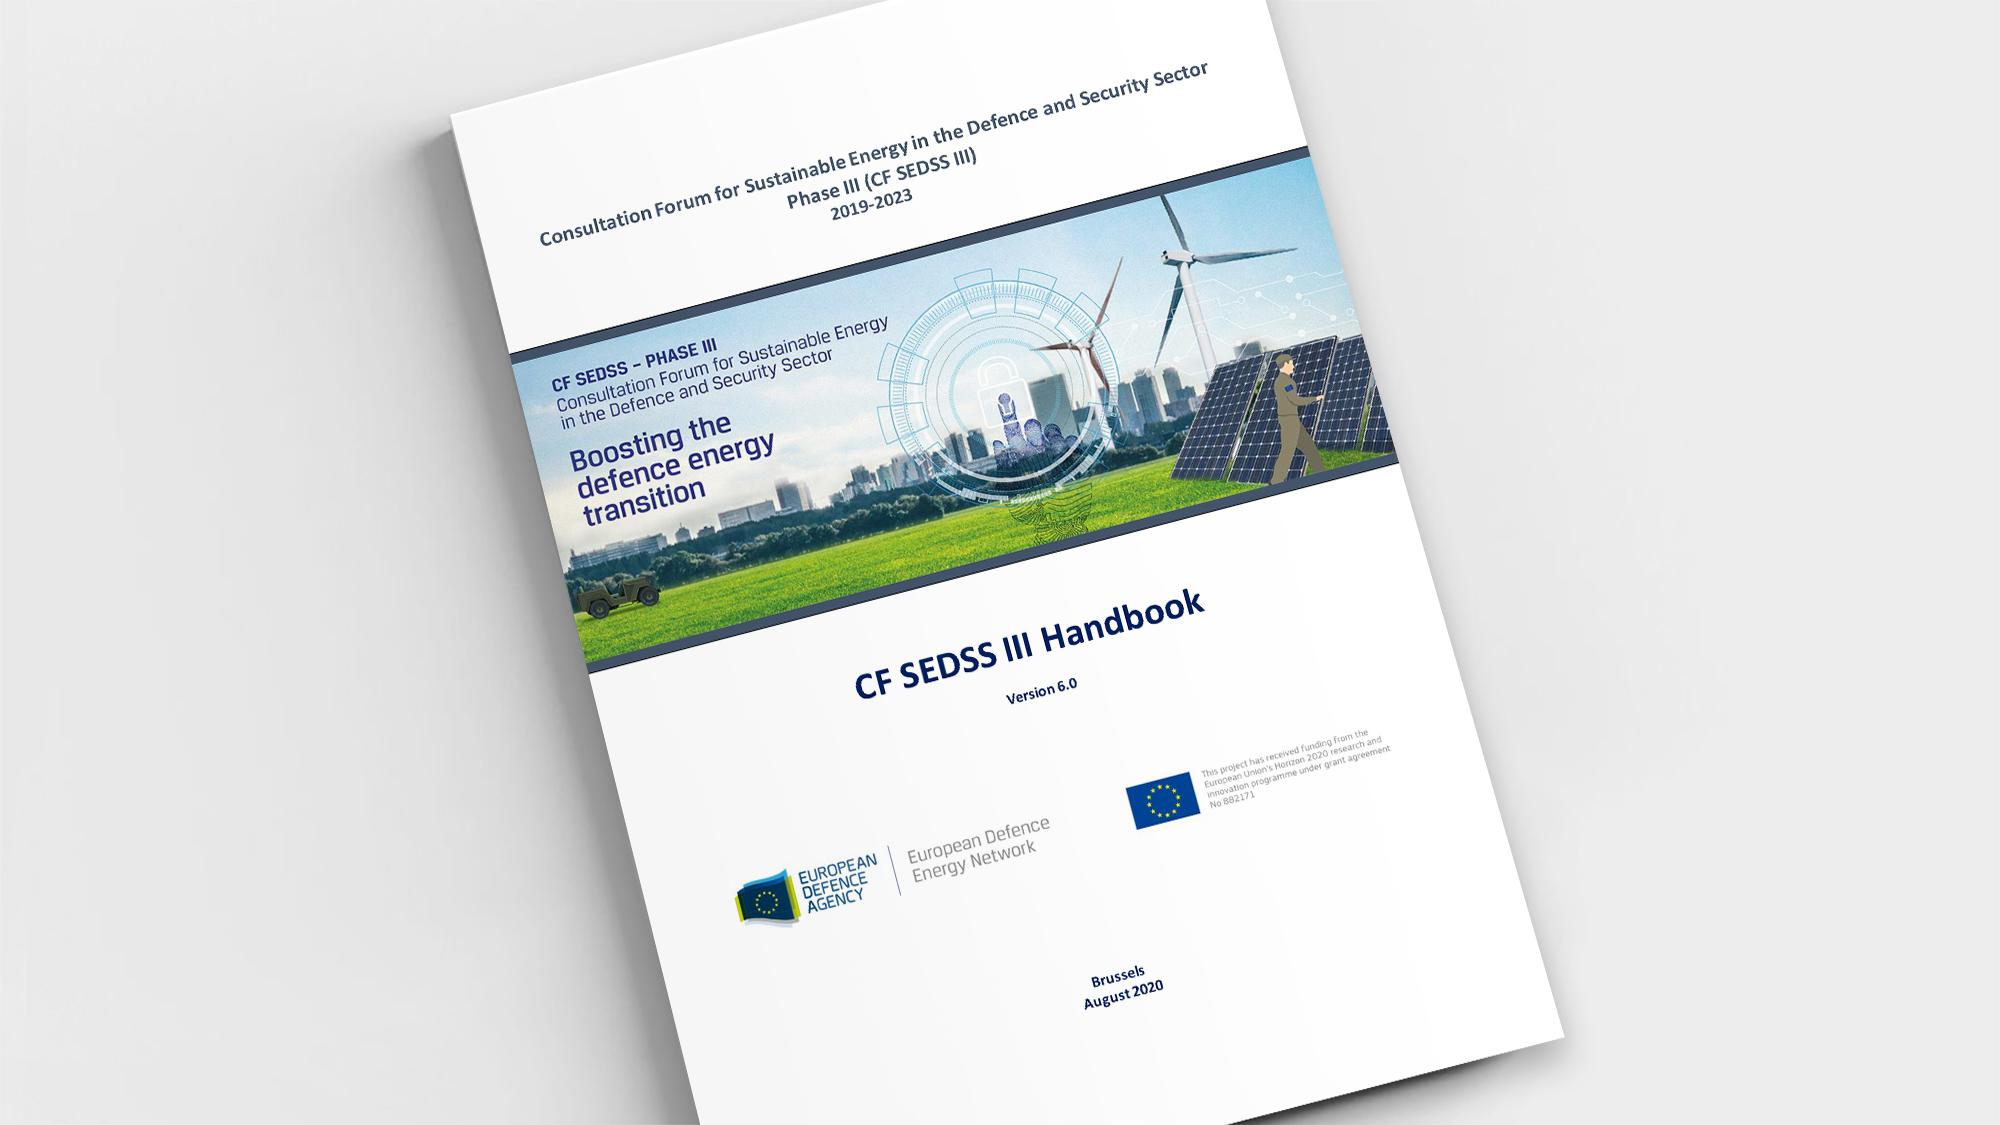 CF SEDSS Phase III Handbook